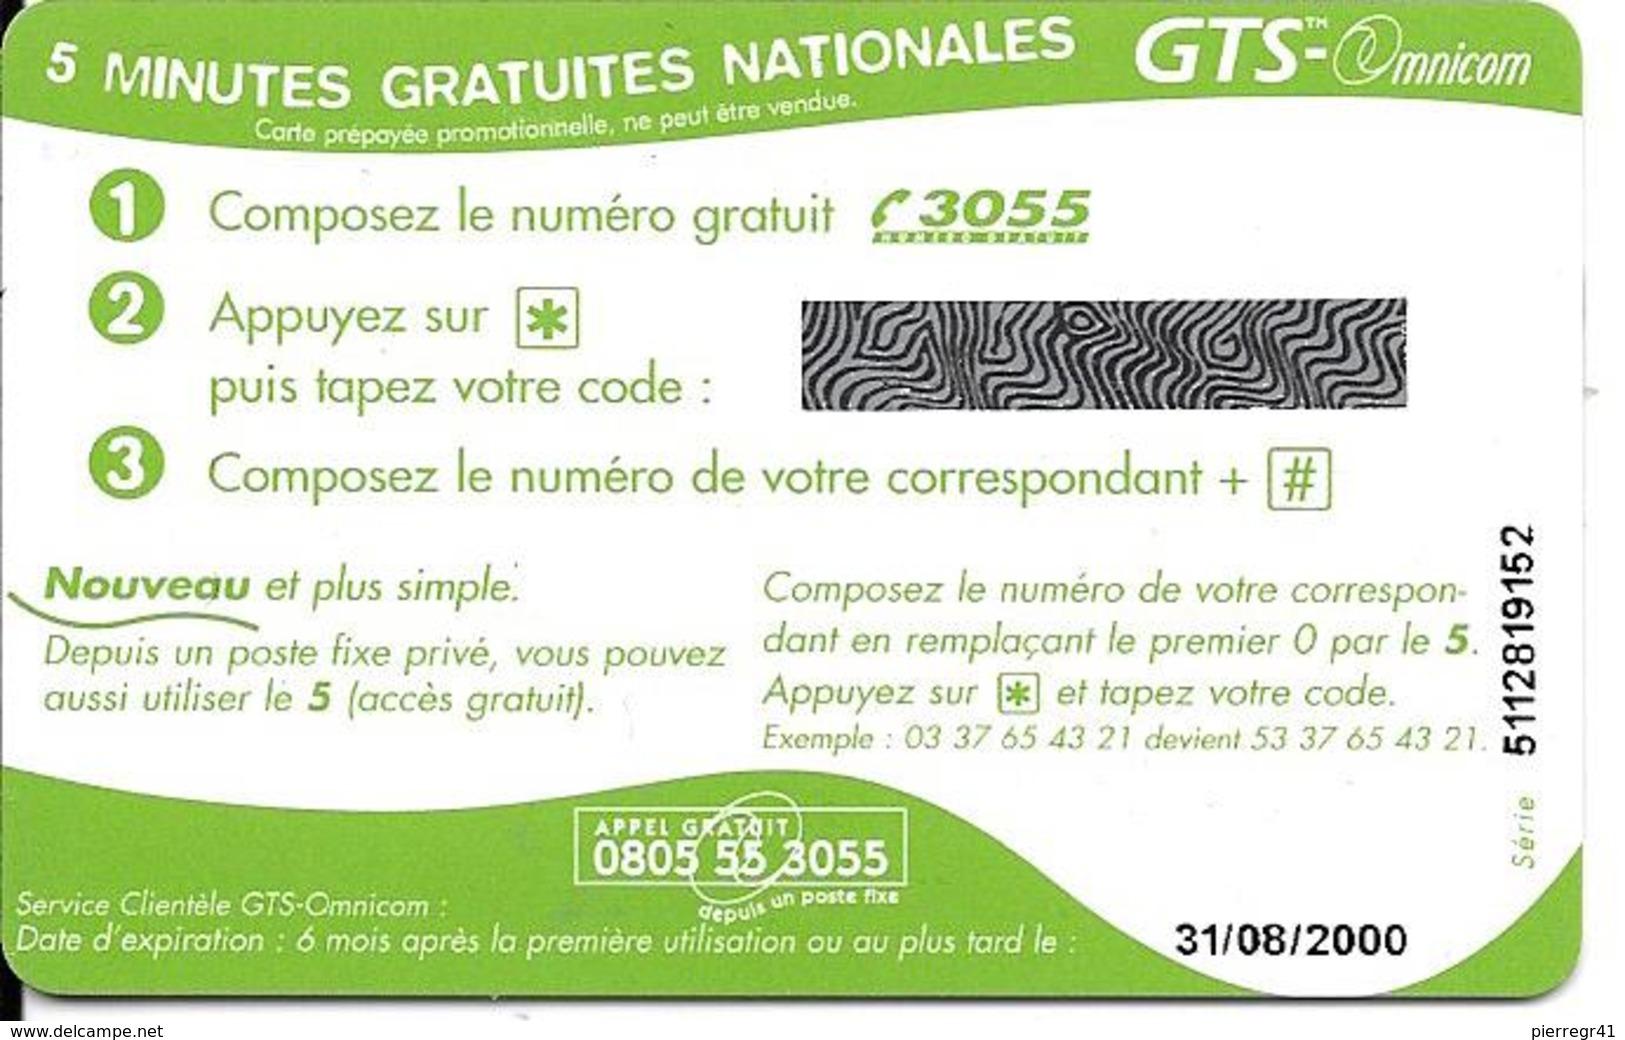 CARTE-PREPAYEE-GTS-OMNICOM-5Mn Gratuites-SOUTH PARK-31/08/2000-NEUVE-NON GRATTE-TBE-RARE - Autres Prépayées